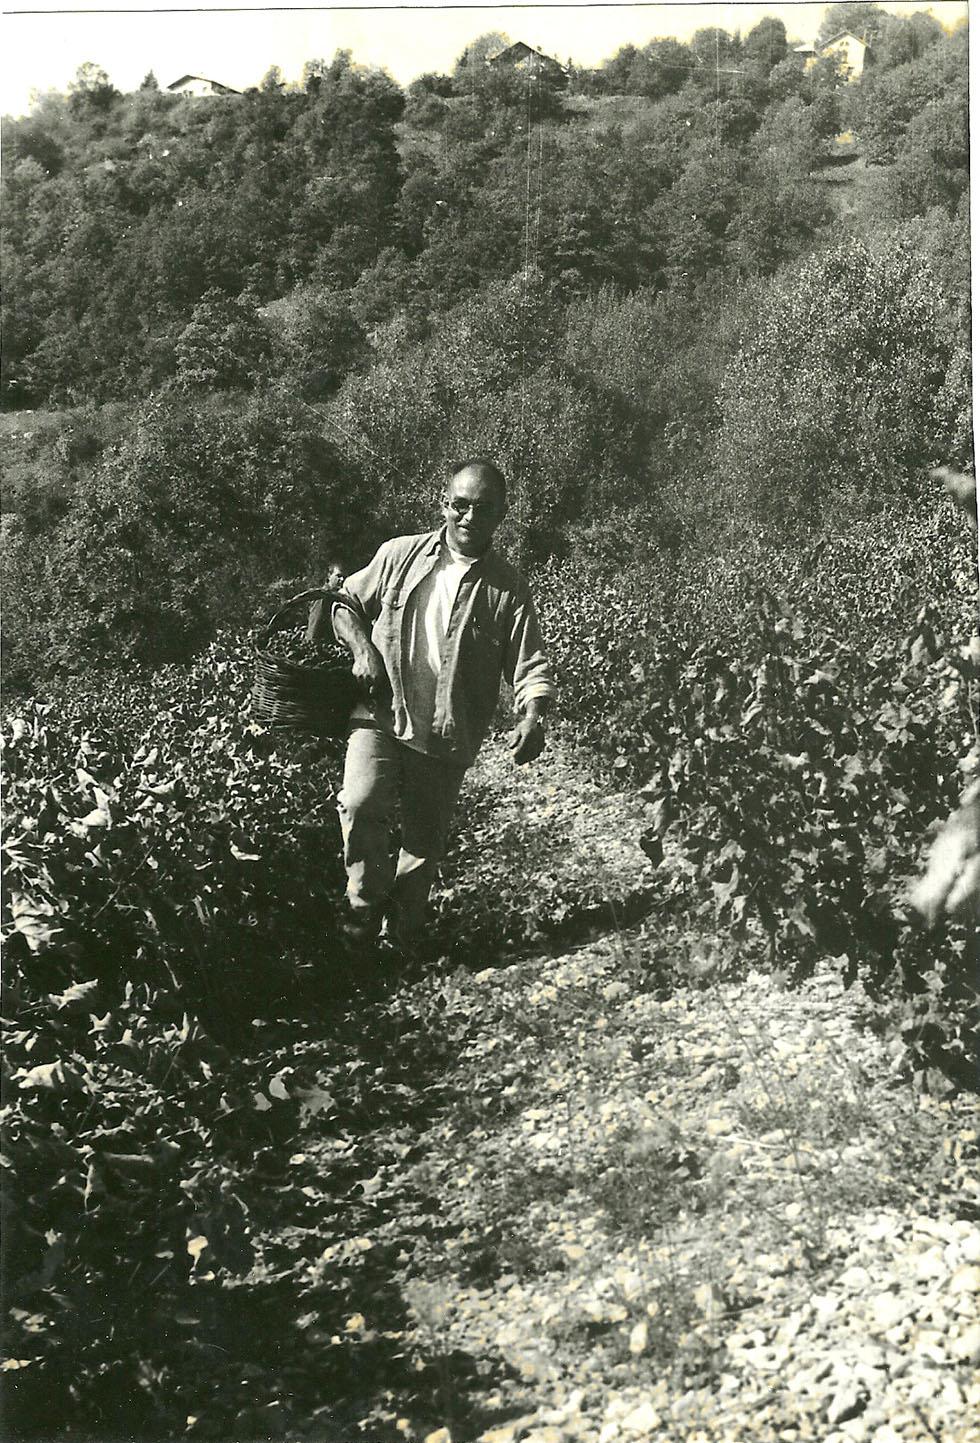 Les responsabilités publiques n'ont pas diminué le goût de Marcel pour les choses de la terre. Il a gardé la forme et les savoirs faire.